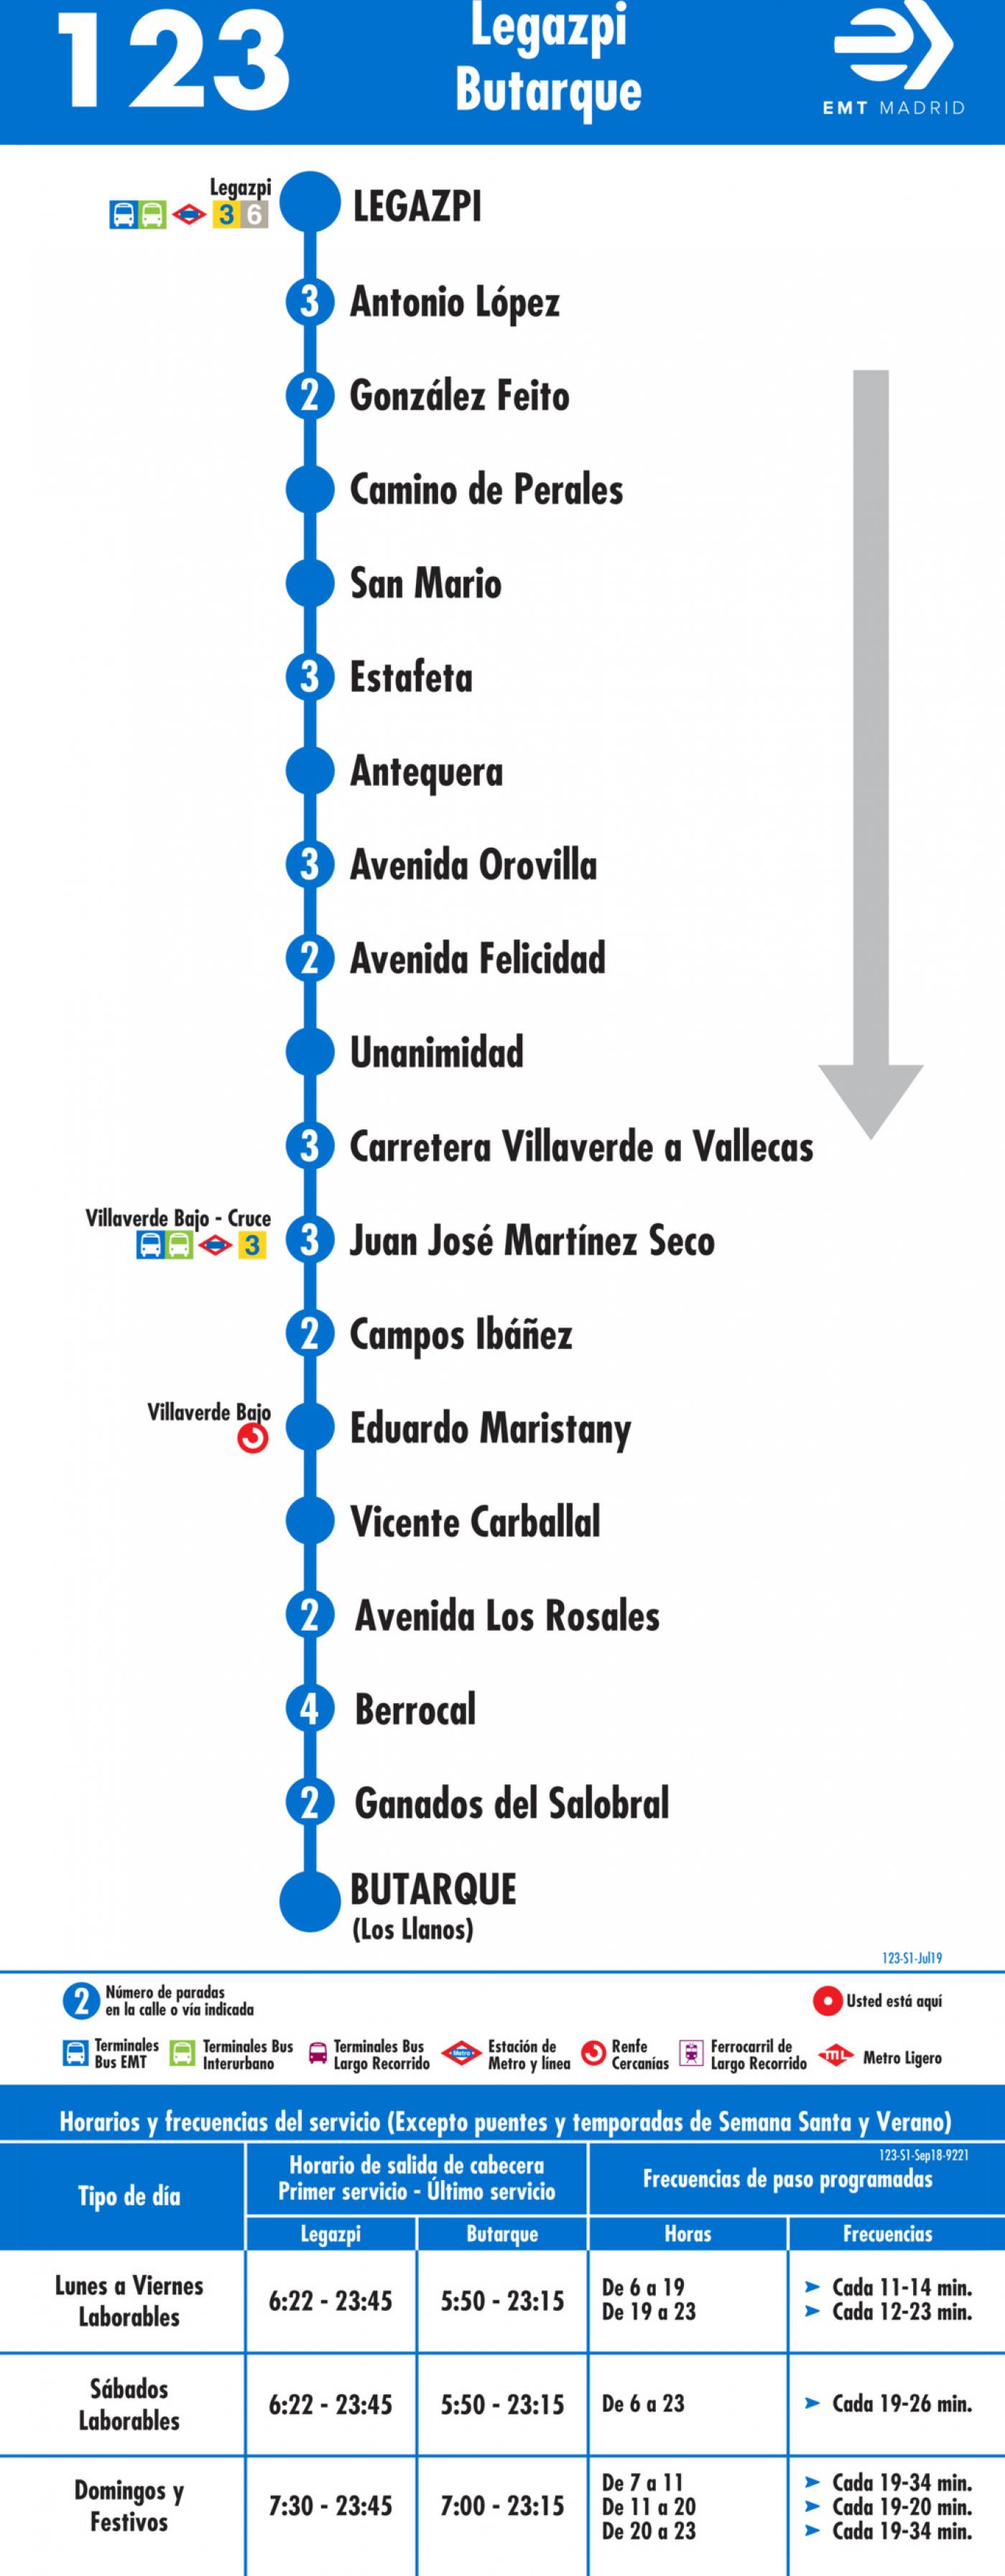 Tabla de horarios y frecuencias de paso en sentido ida Línea 123: Plaza de Legazpi - Villaverde Bajo